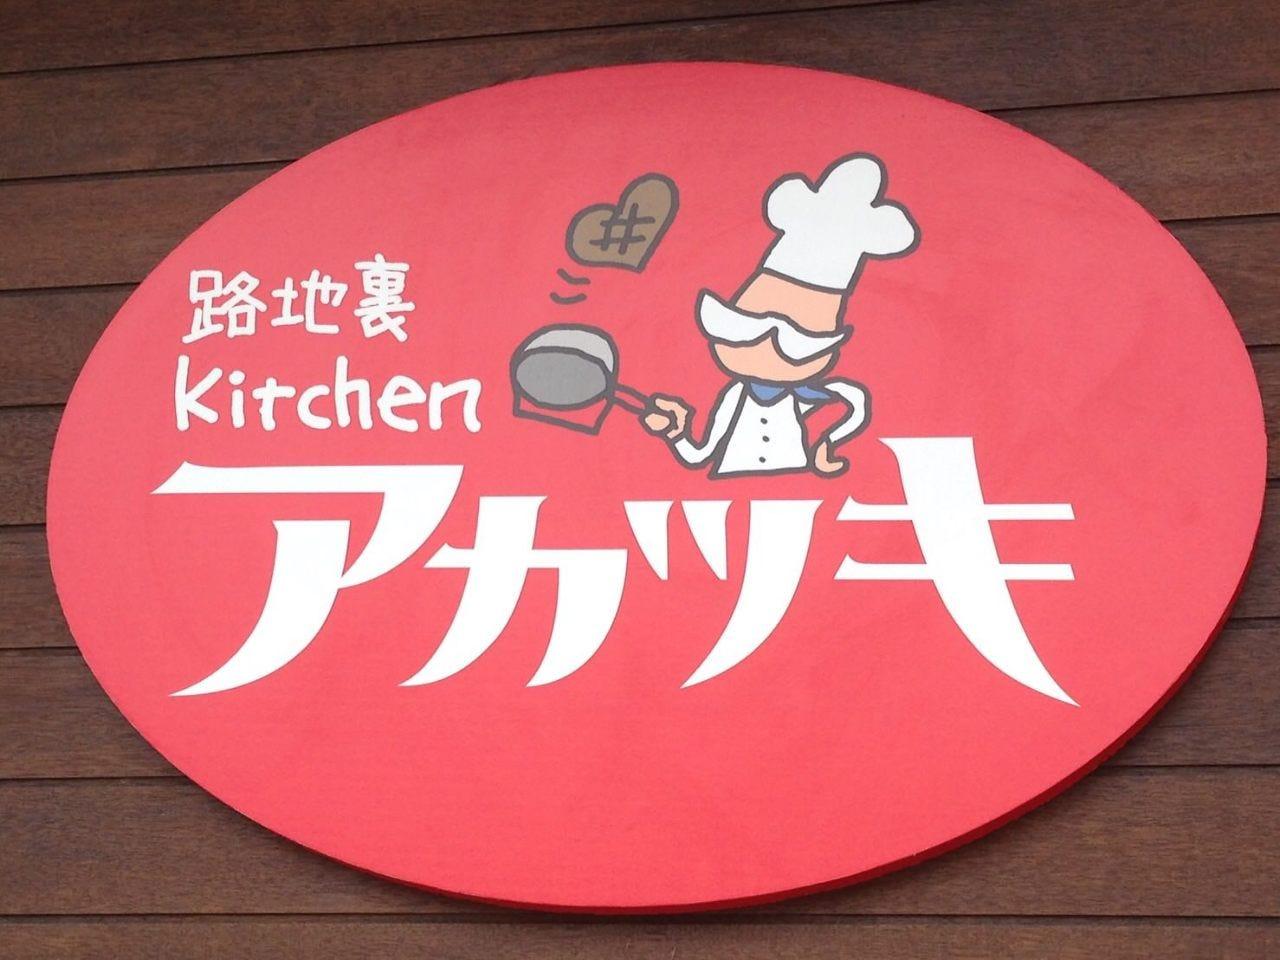 路地裏kitchen アカツキ